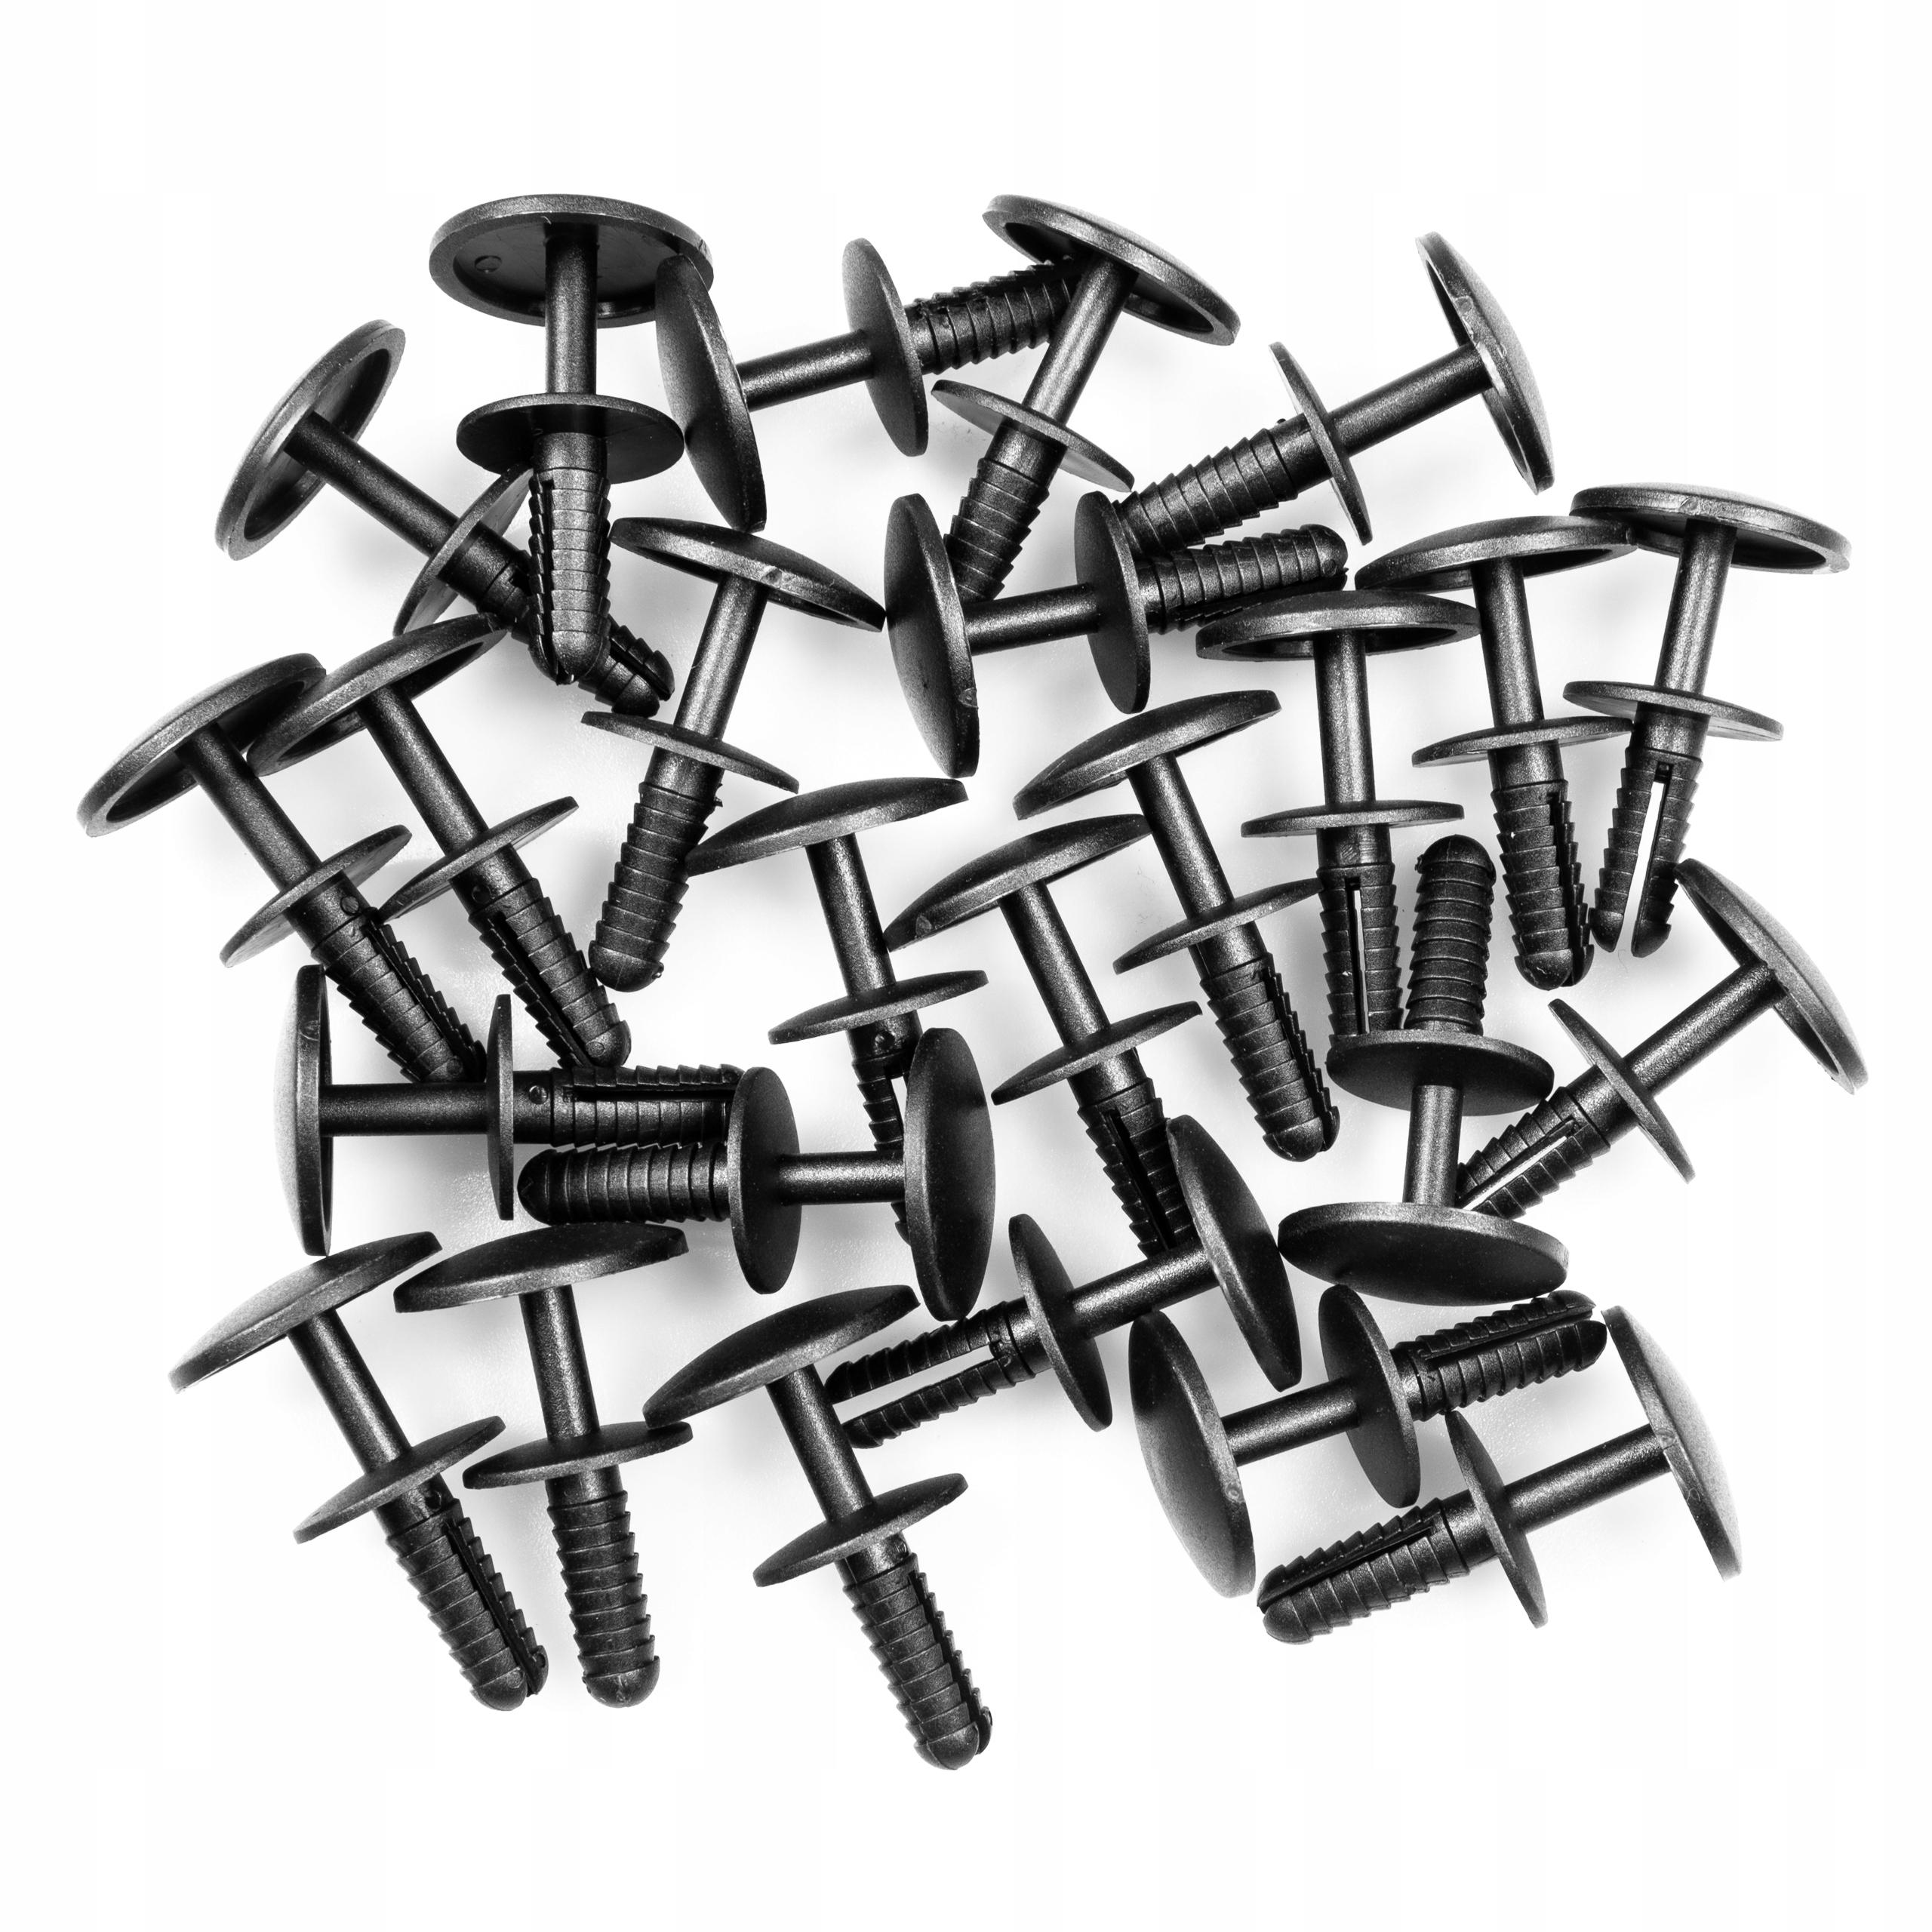 Застібка кілок розпорний обшиви універсальний 6 mm - фото 4